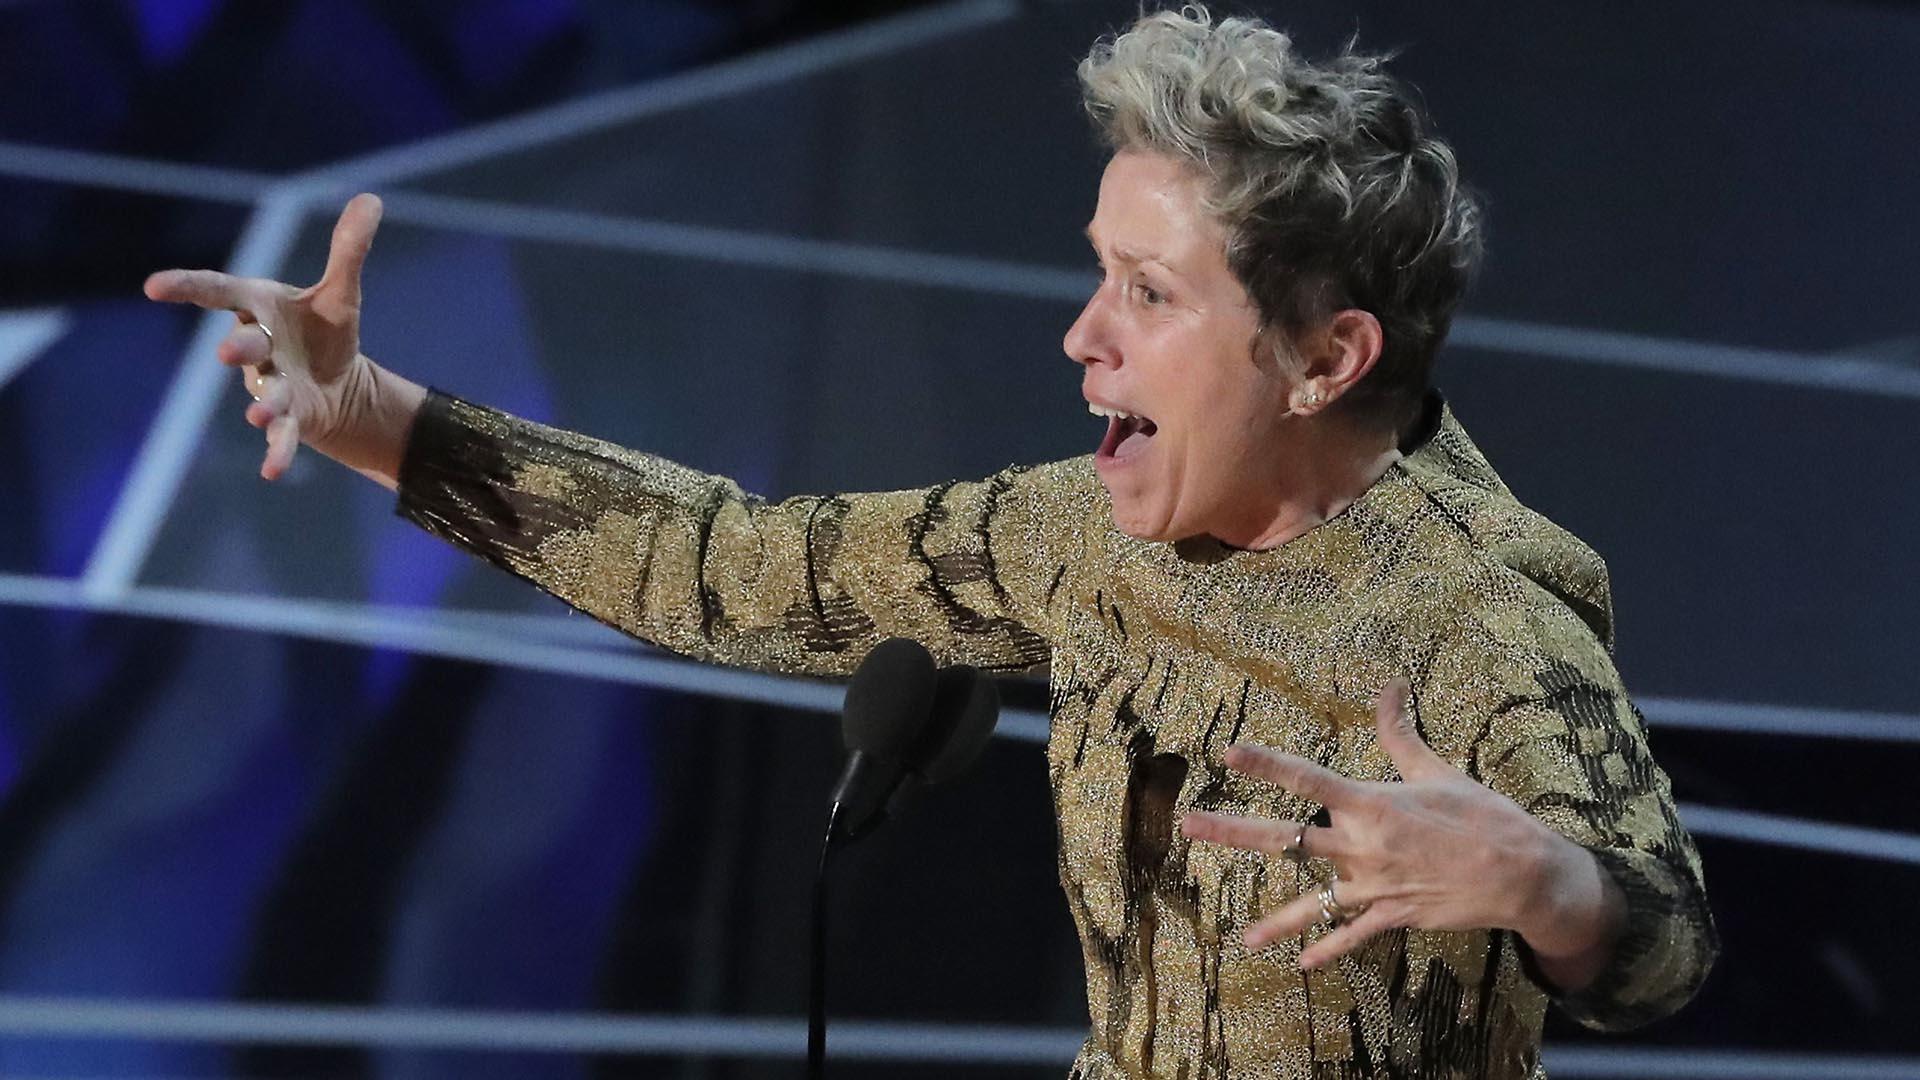 Luego de agradecer el premio, Frances McDormand dio un contundente discurso en favor de la igualdad de género